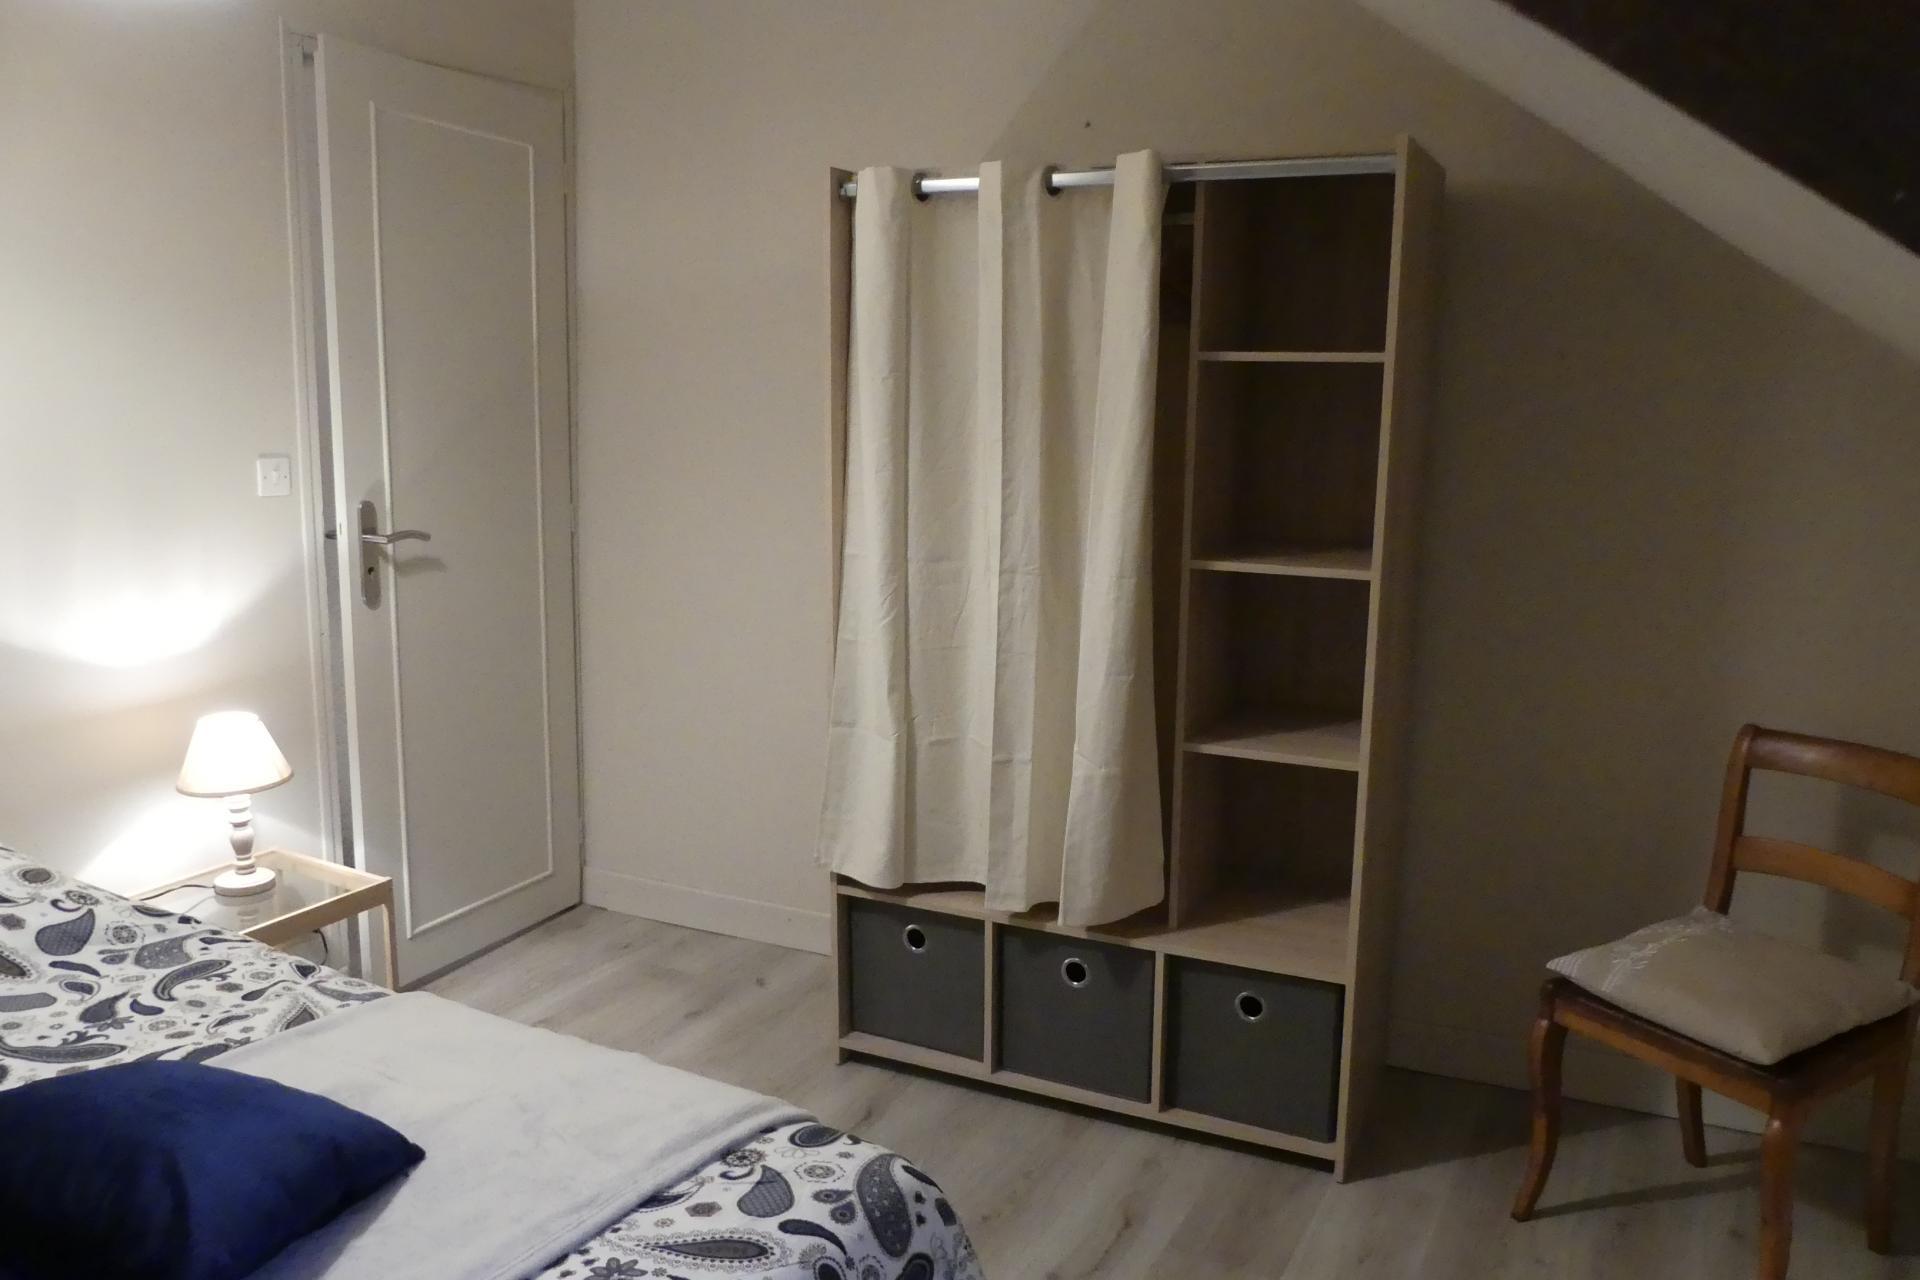 Autre vue de la petite chambre